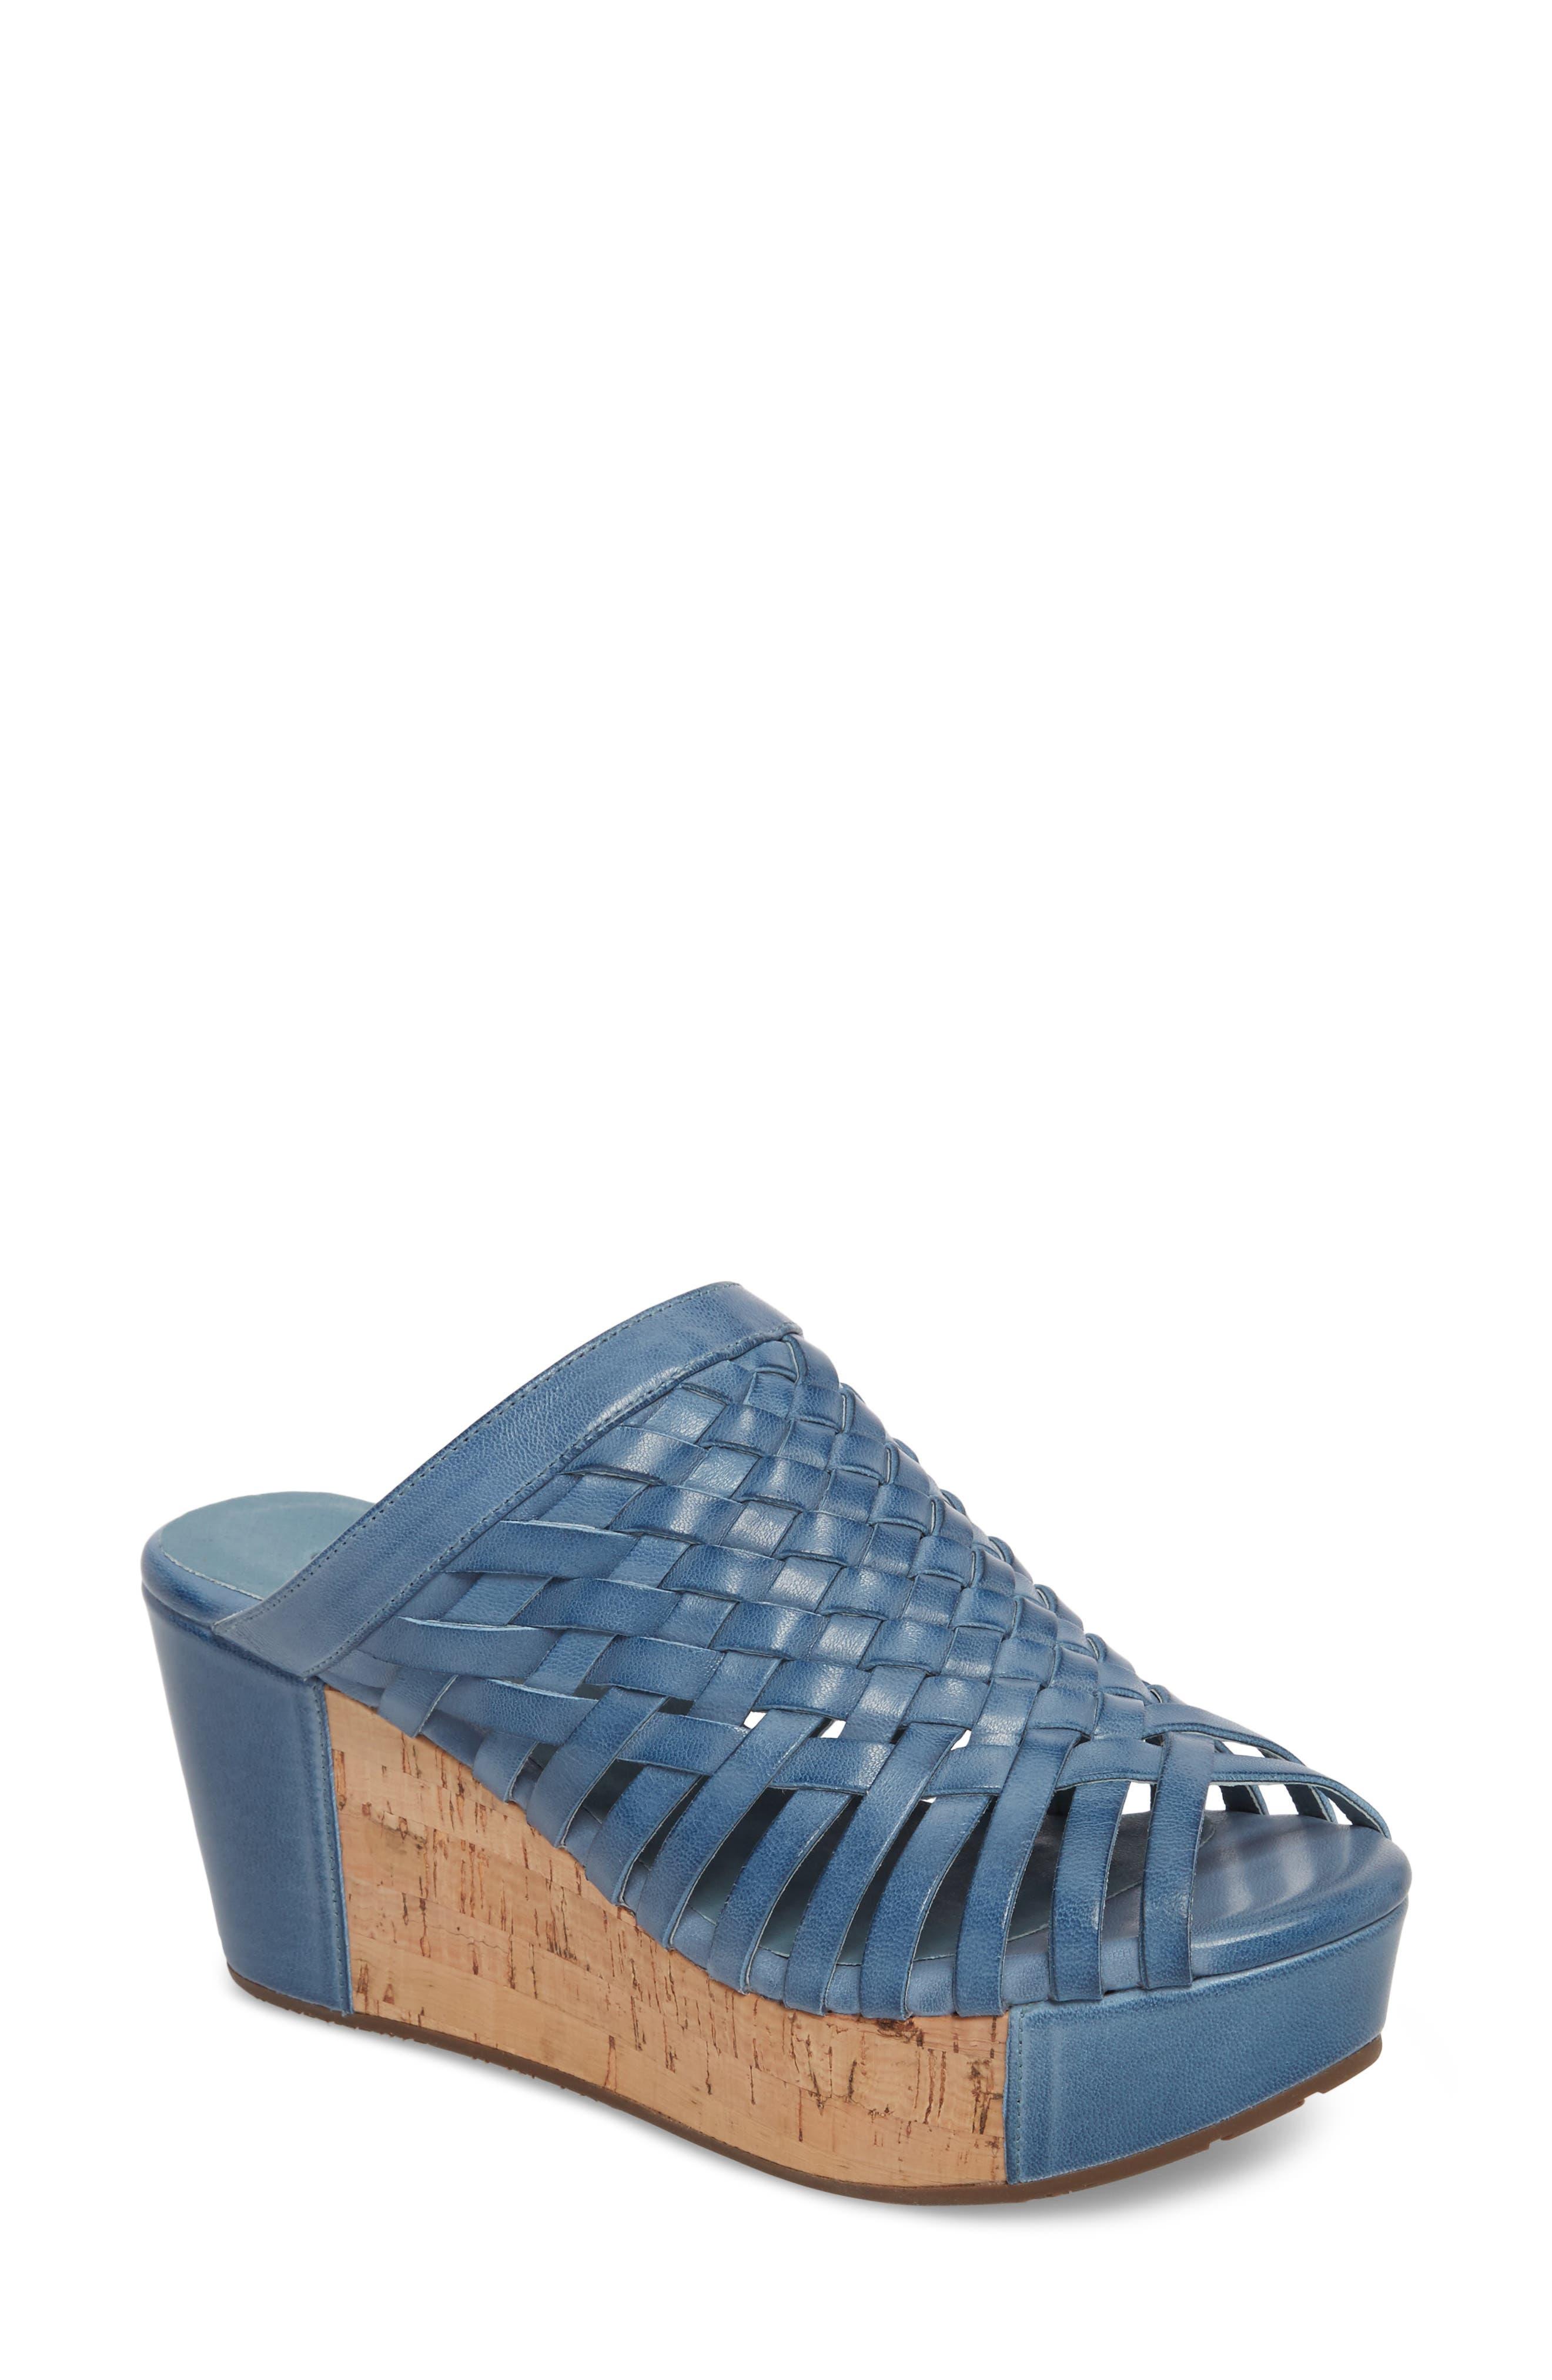 Main Image - Chocolat Blu Walda Platform Wedge Sandal (Women)